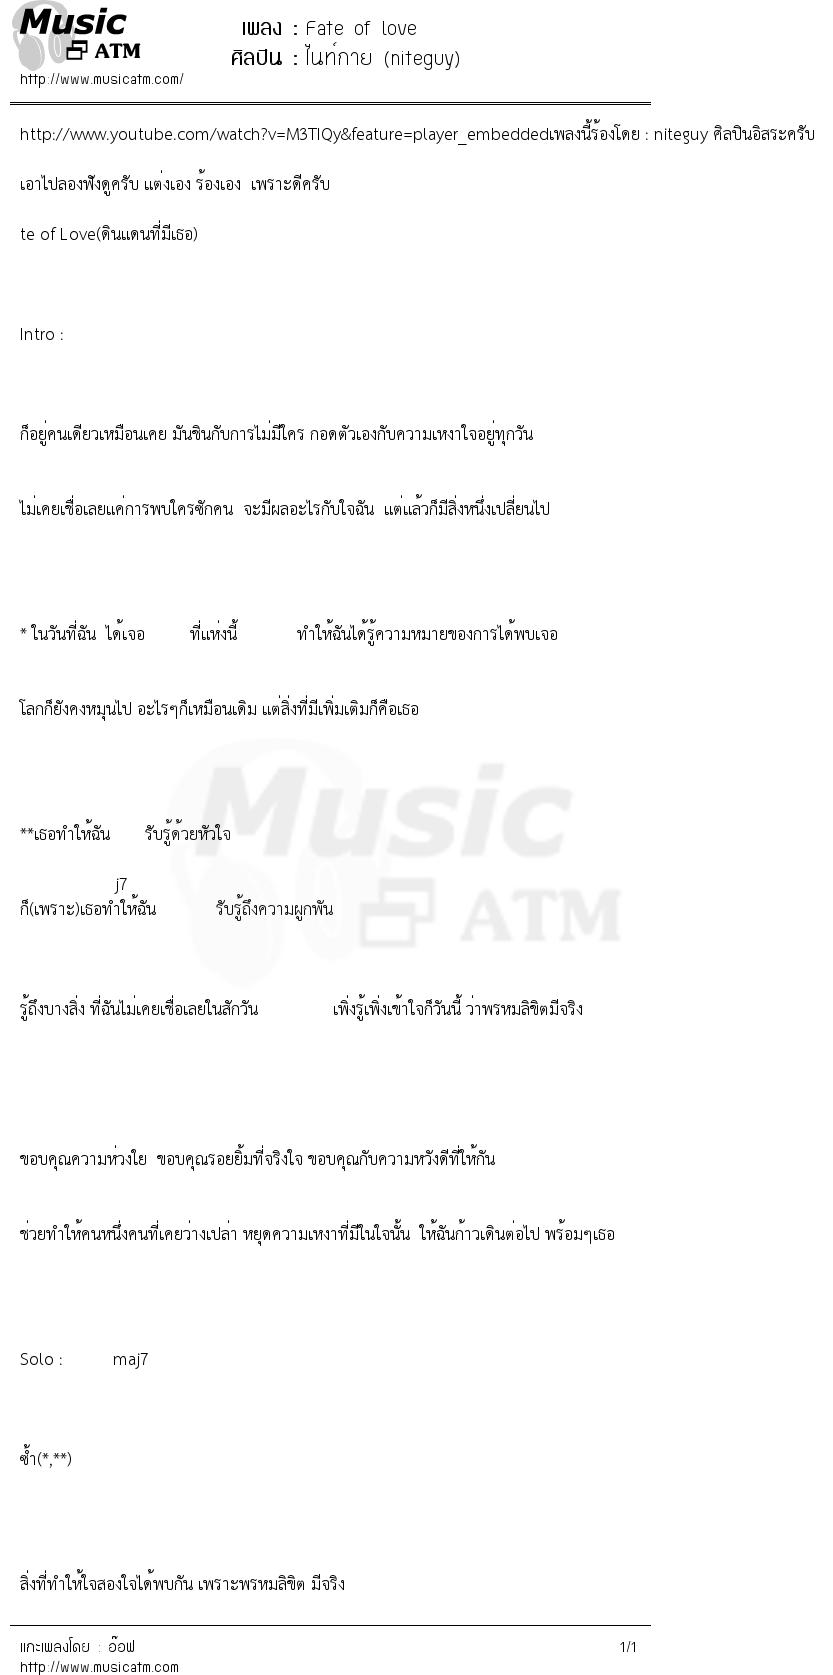 เนื้อเพลง Fate of love - ไนท์กาย (niteguy) | เพลงไทย